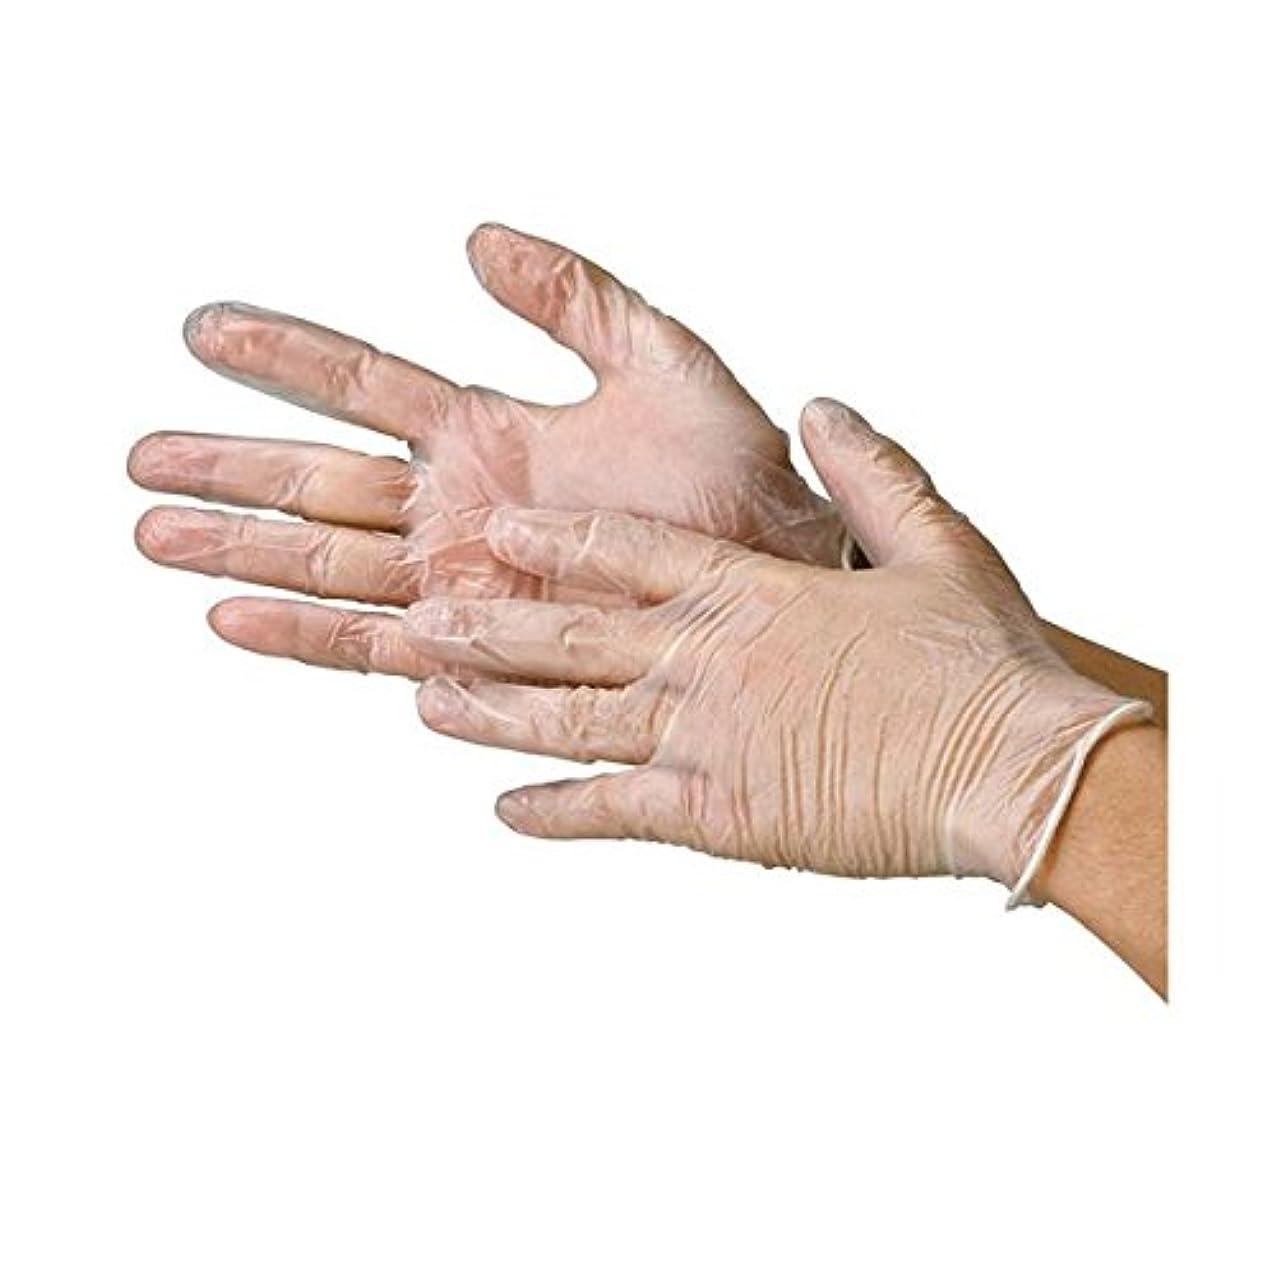 より良い拾う懐疑的川西工業 ビニール極薄手袋 粉なし S 20箱 ダイエット 健康 衛生用品 その他の衛生用品 14067381 [並行輸入品]